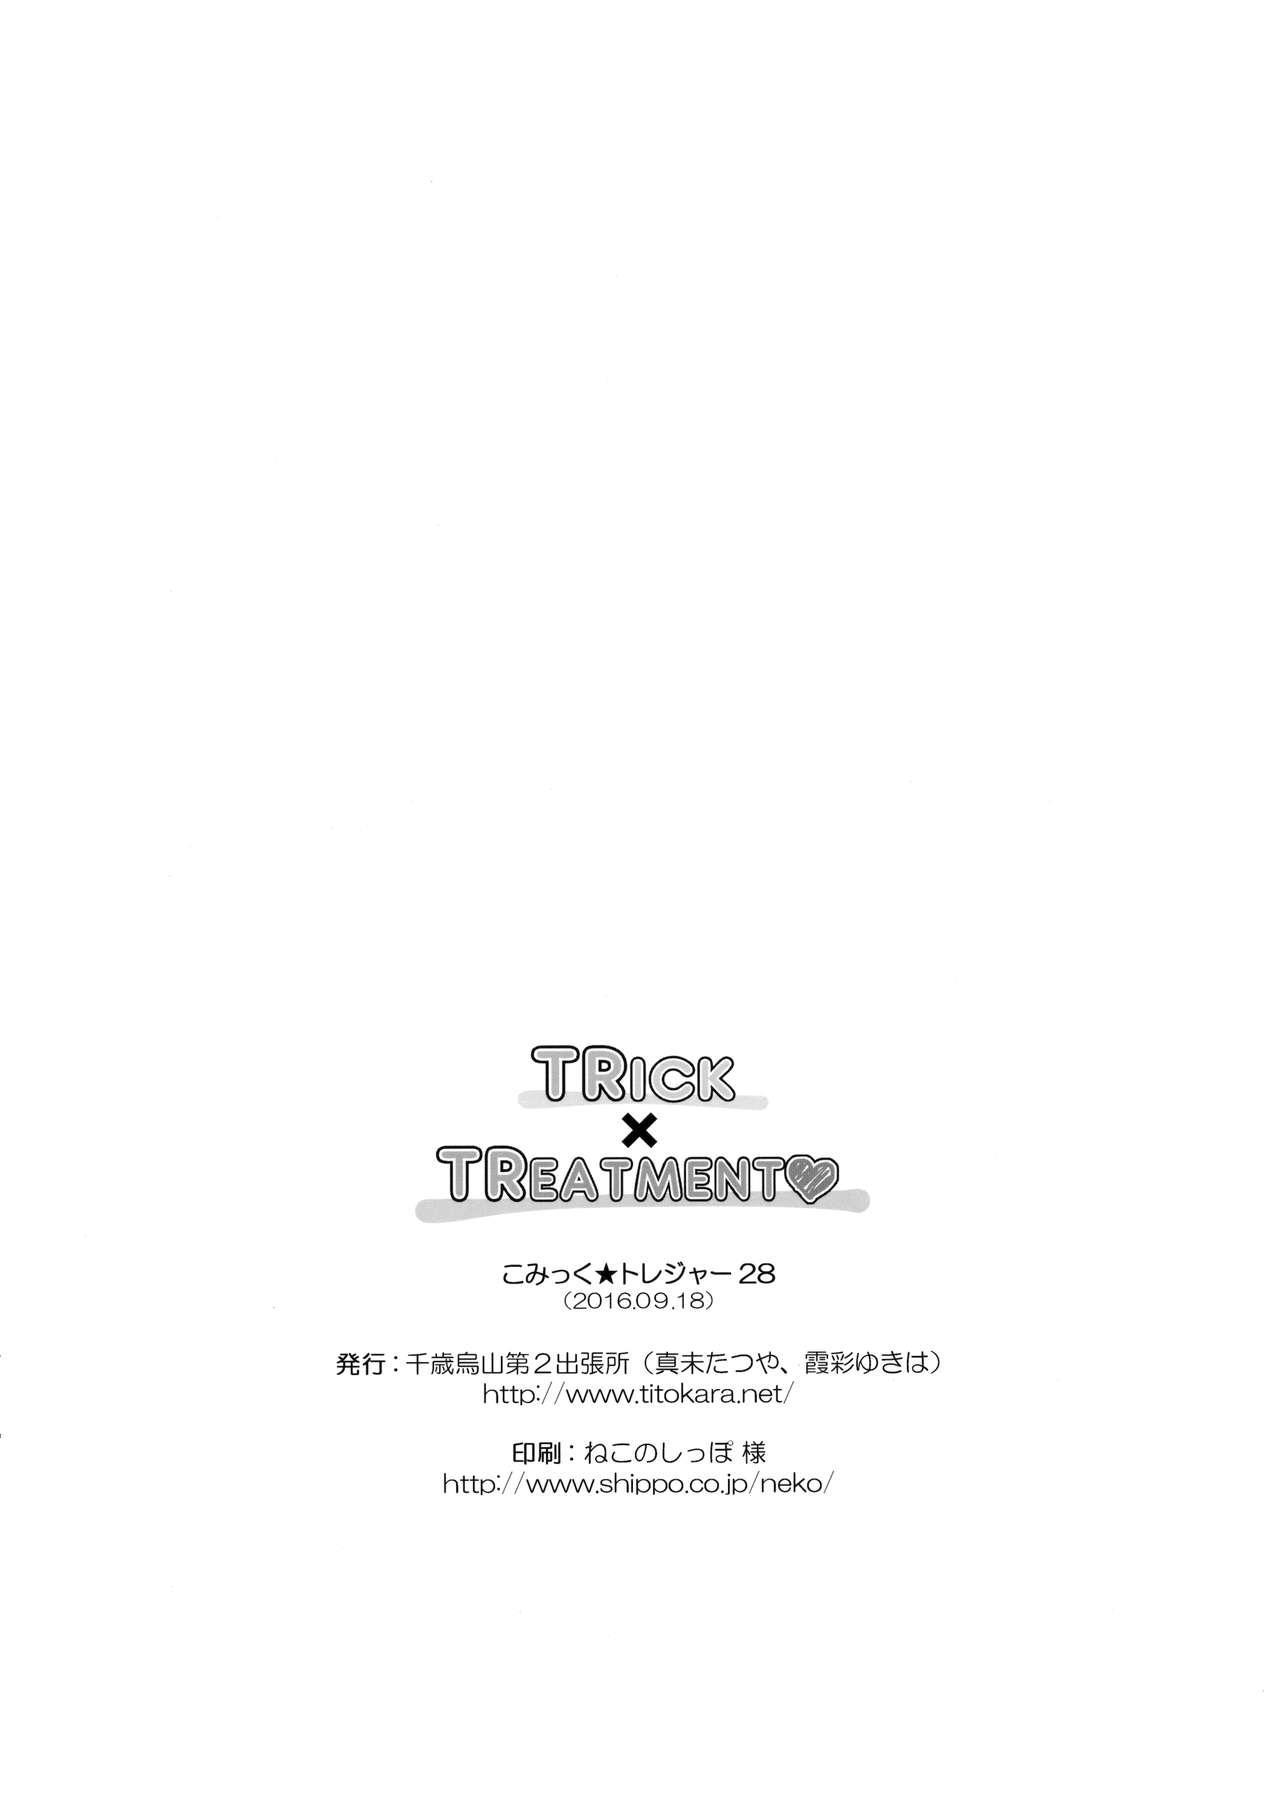 TRick x TReatment 12